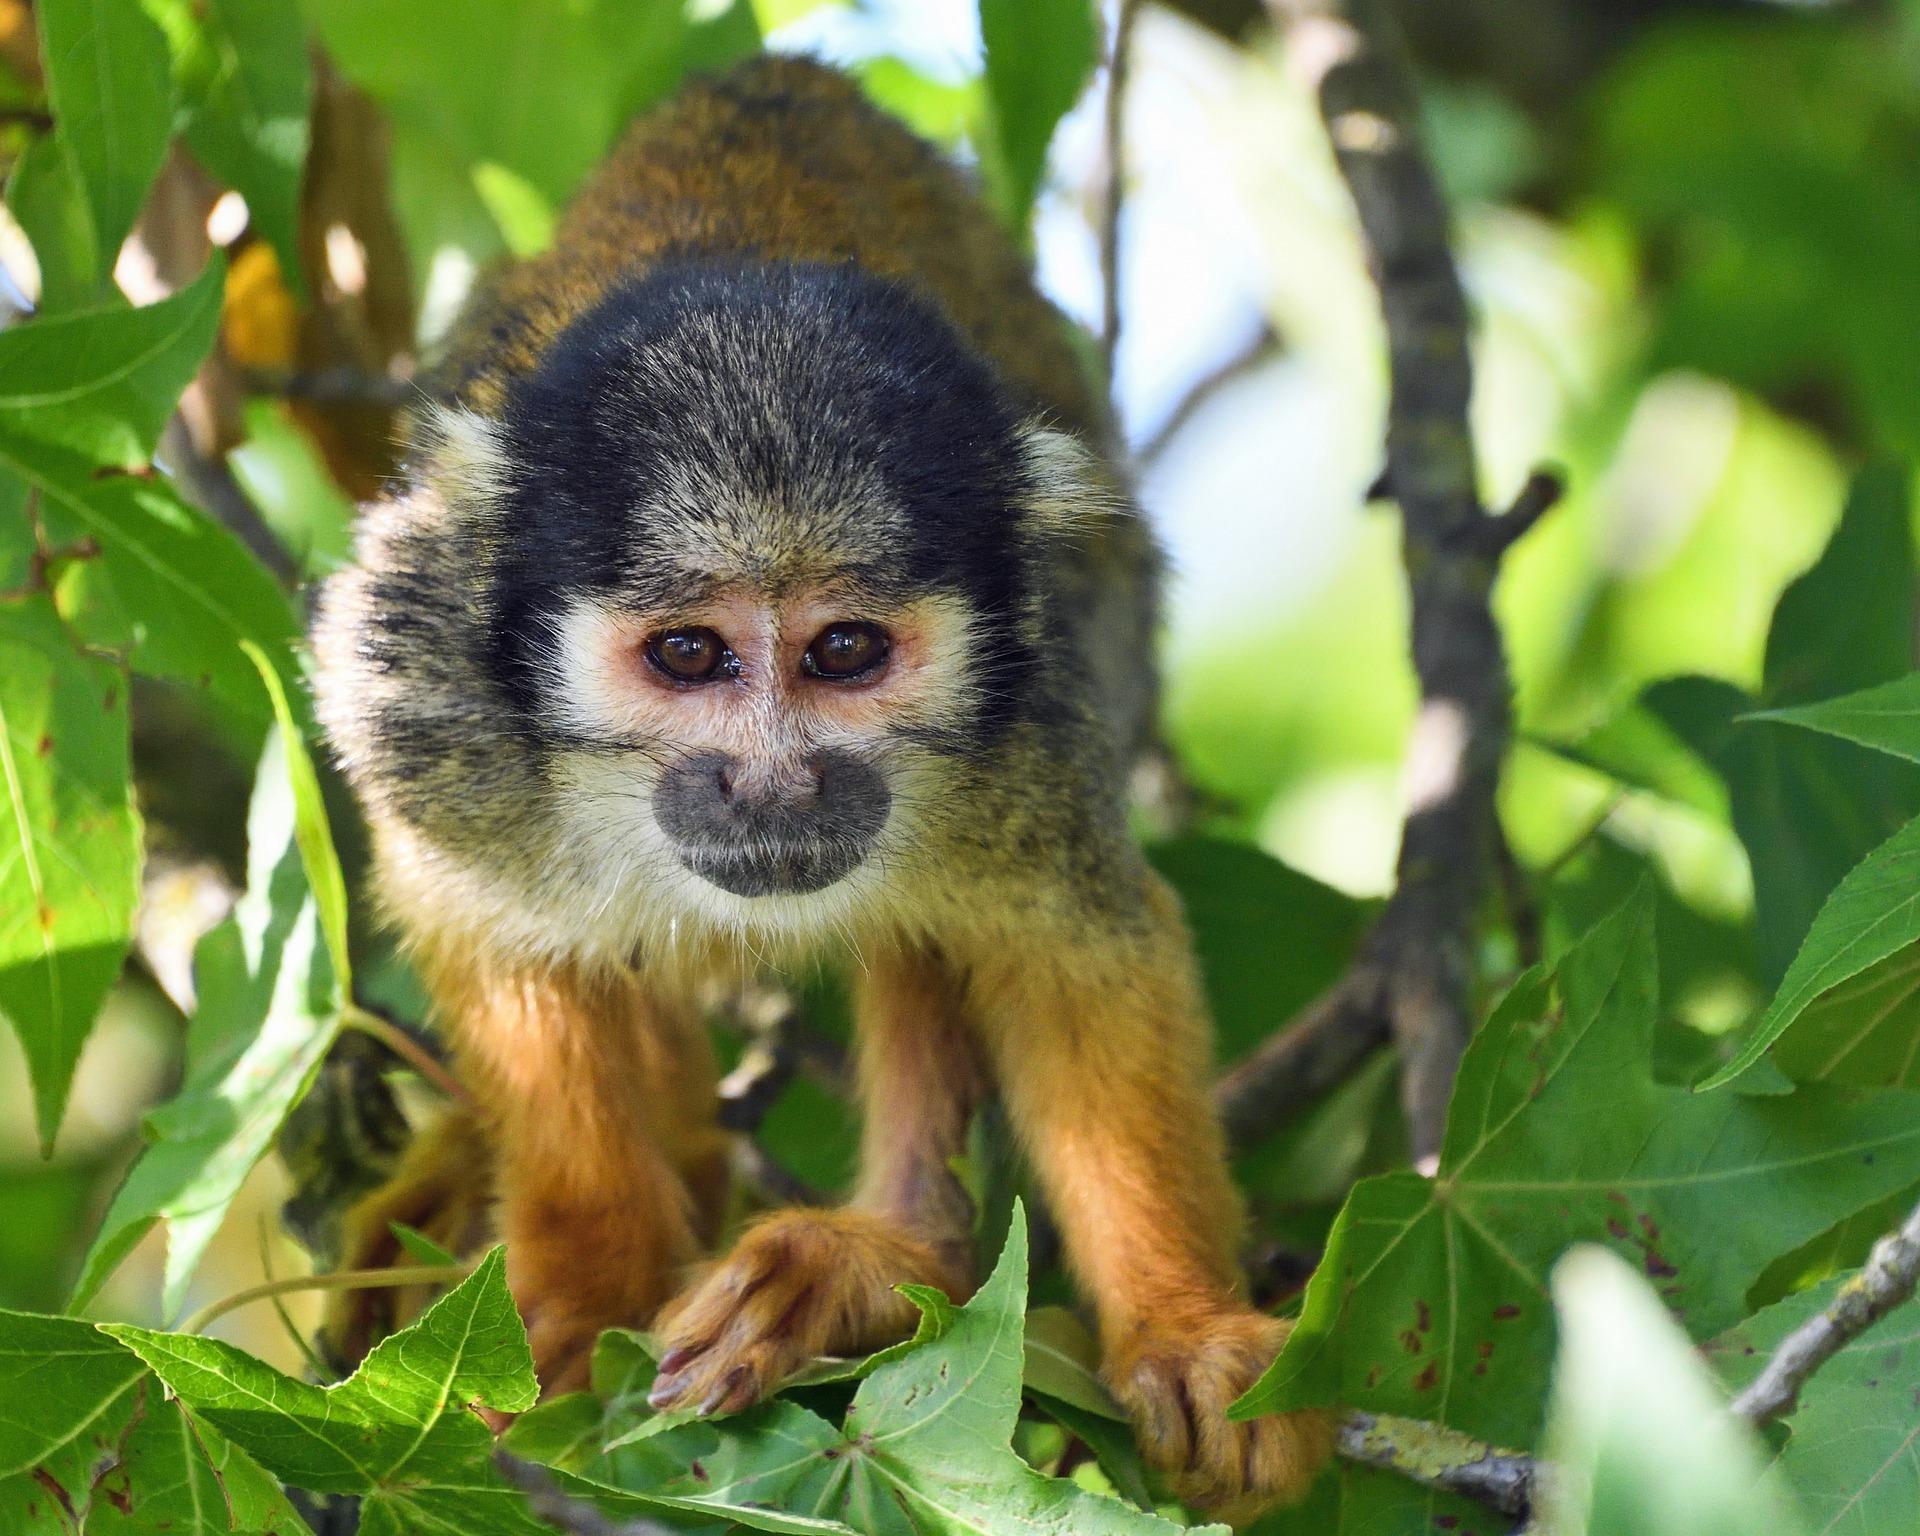 monkey-2661688_1920.jpg